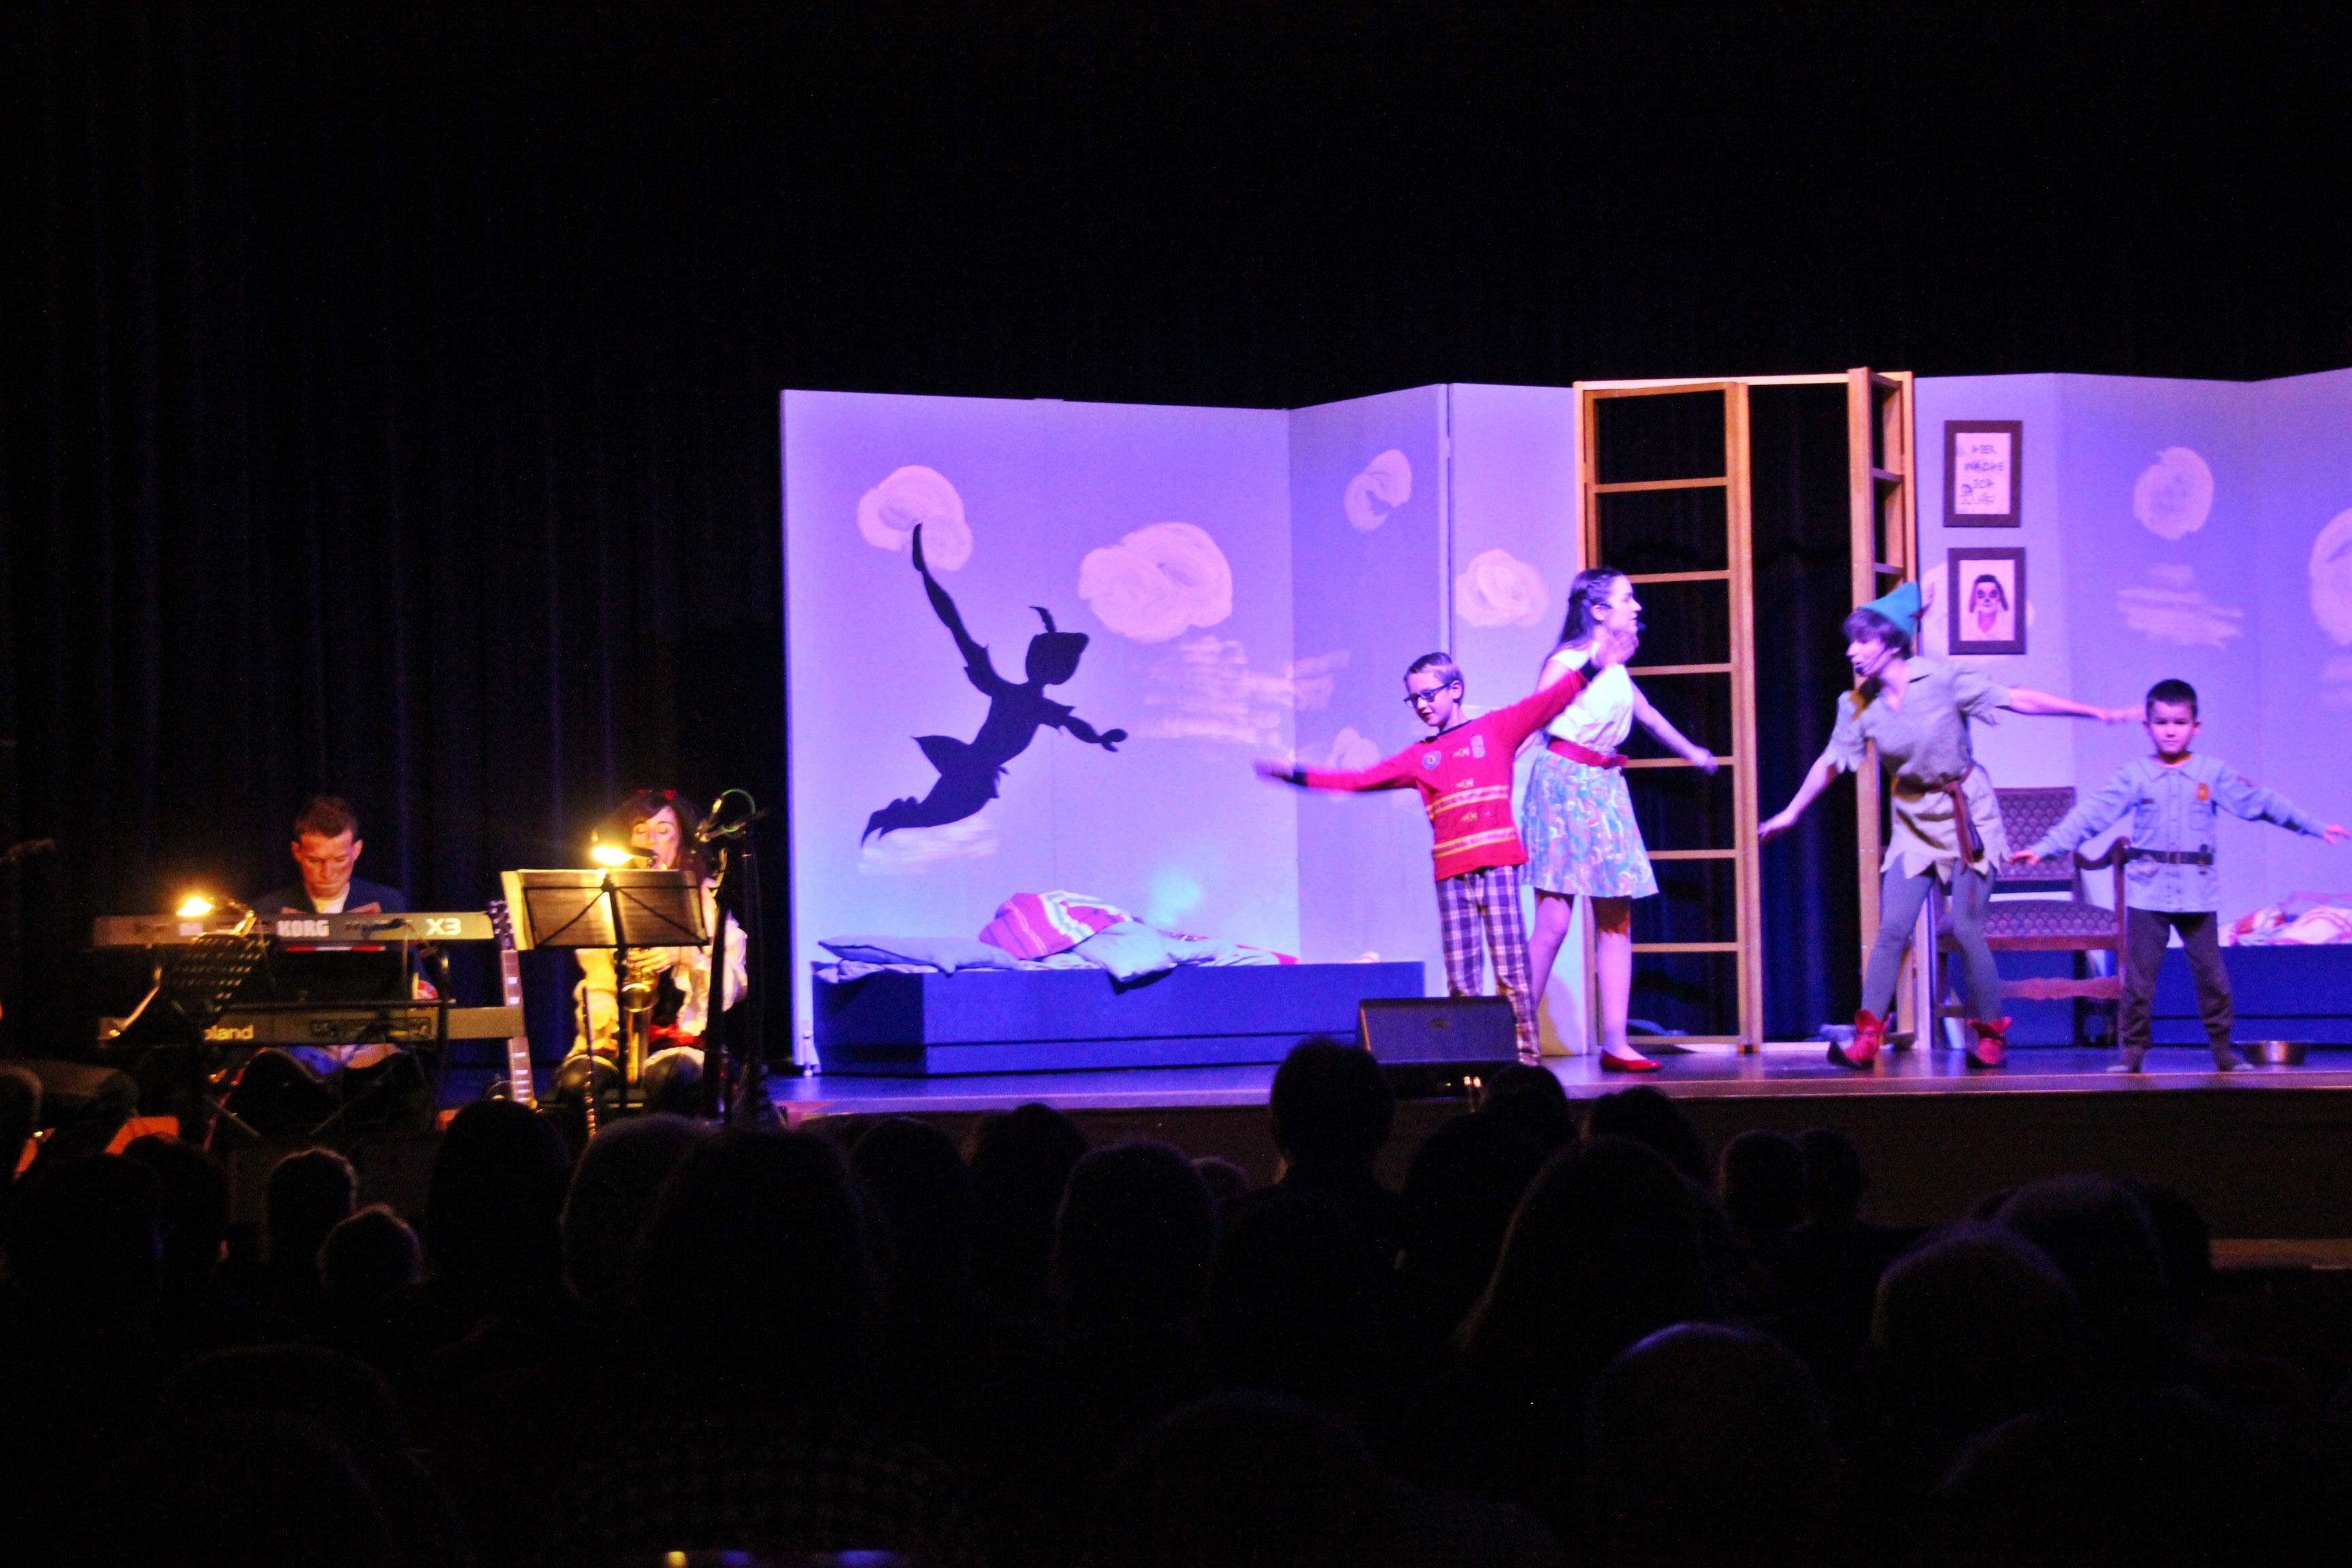 """Drei gut besuchte Aufführungen des Familienmusicals """"Peter Pan"""" mit dem jungen Ovigo-Ensemble bildete einen gelungenen Abschluss des Neunburger Kunstherbst-Programms im Stadtjubiläunsjahr 2017. Foto: Ovigo/F. Wein"""